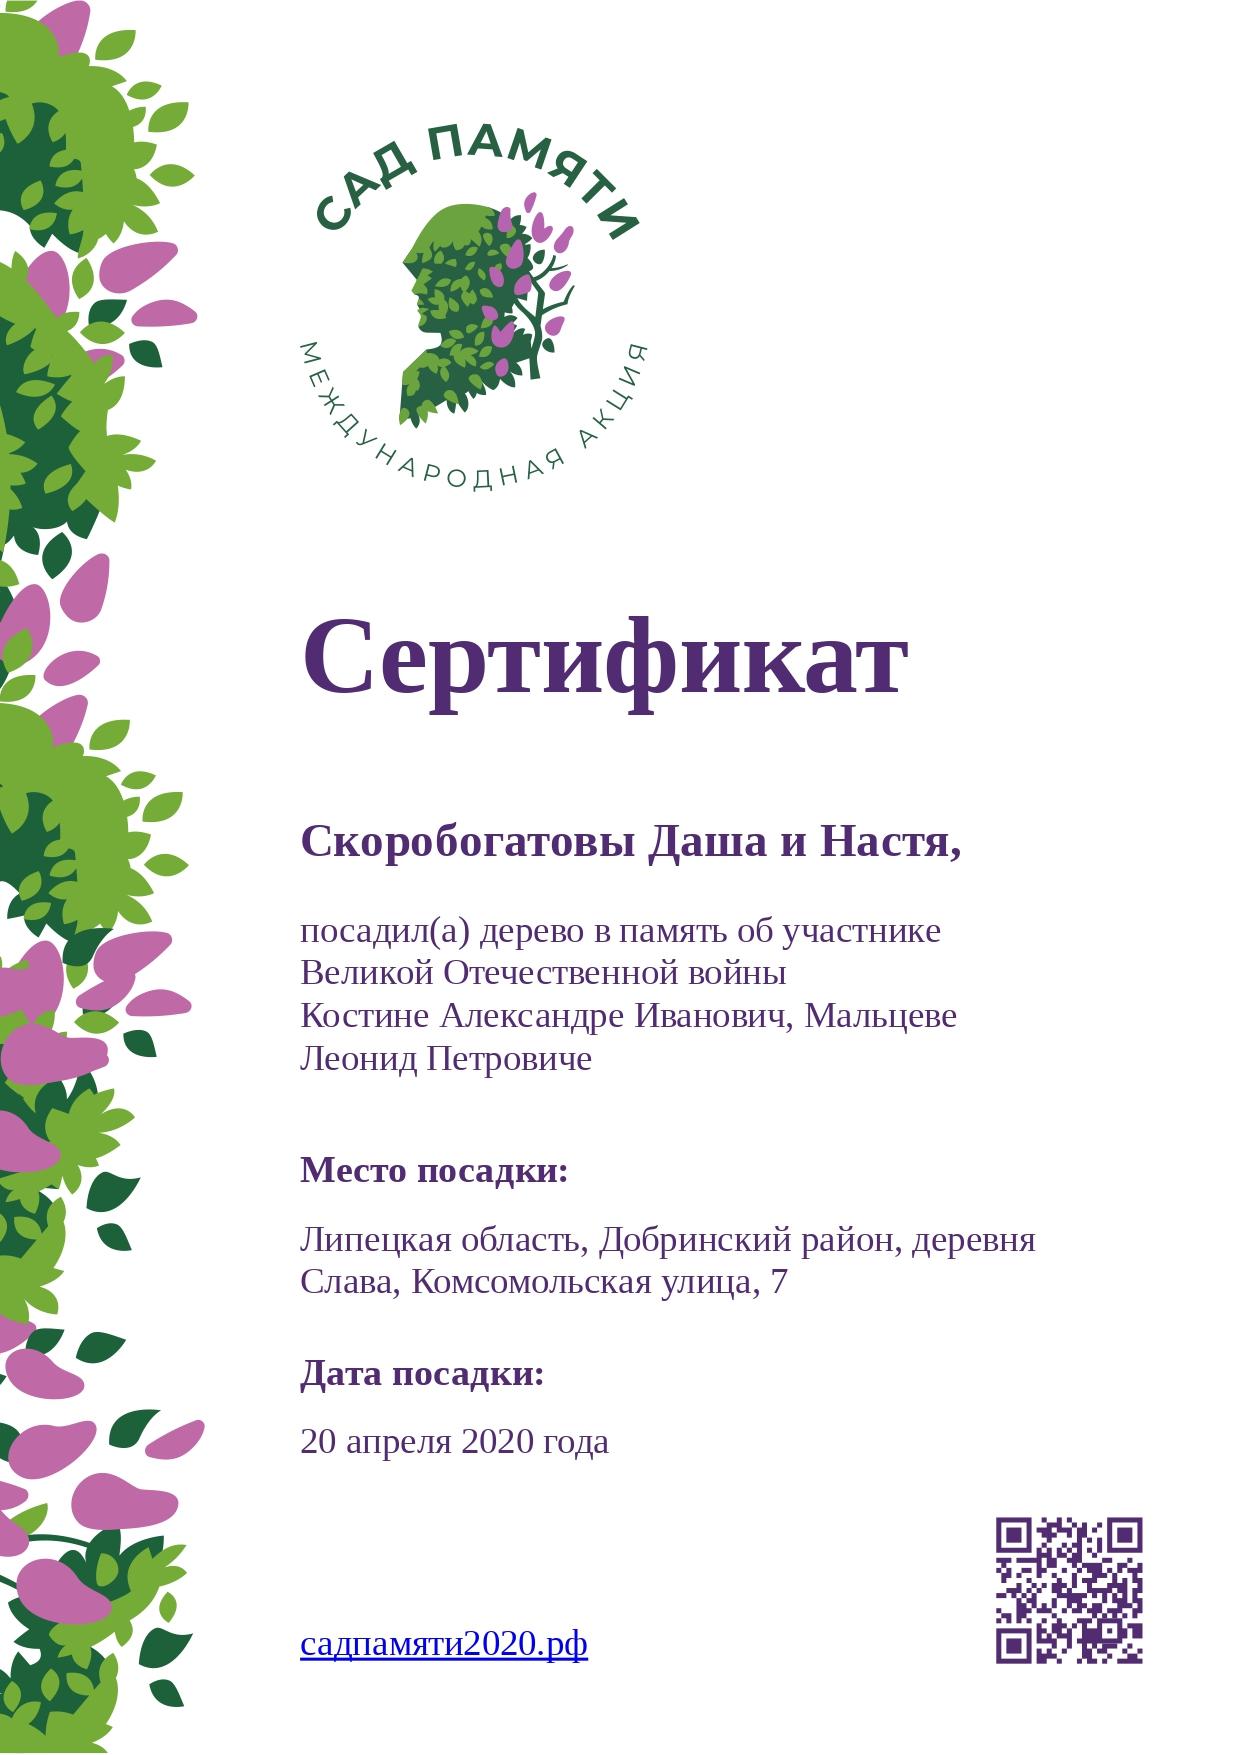 Сертификат в память о Костине Александре Иванович, Мальцеве Леонид Петровиче_page-0001